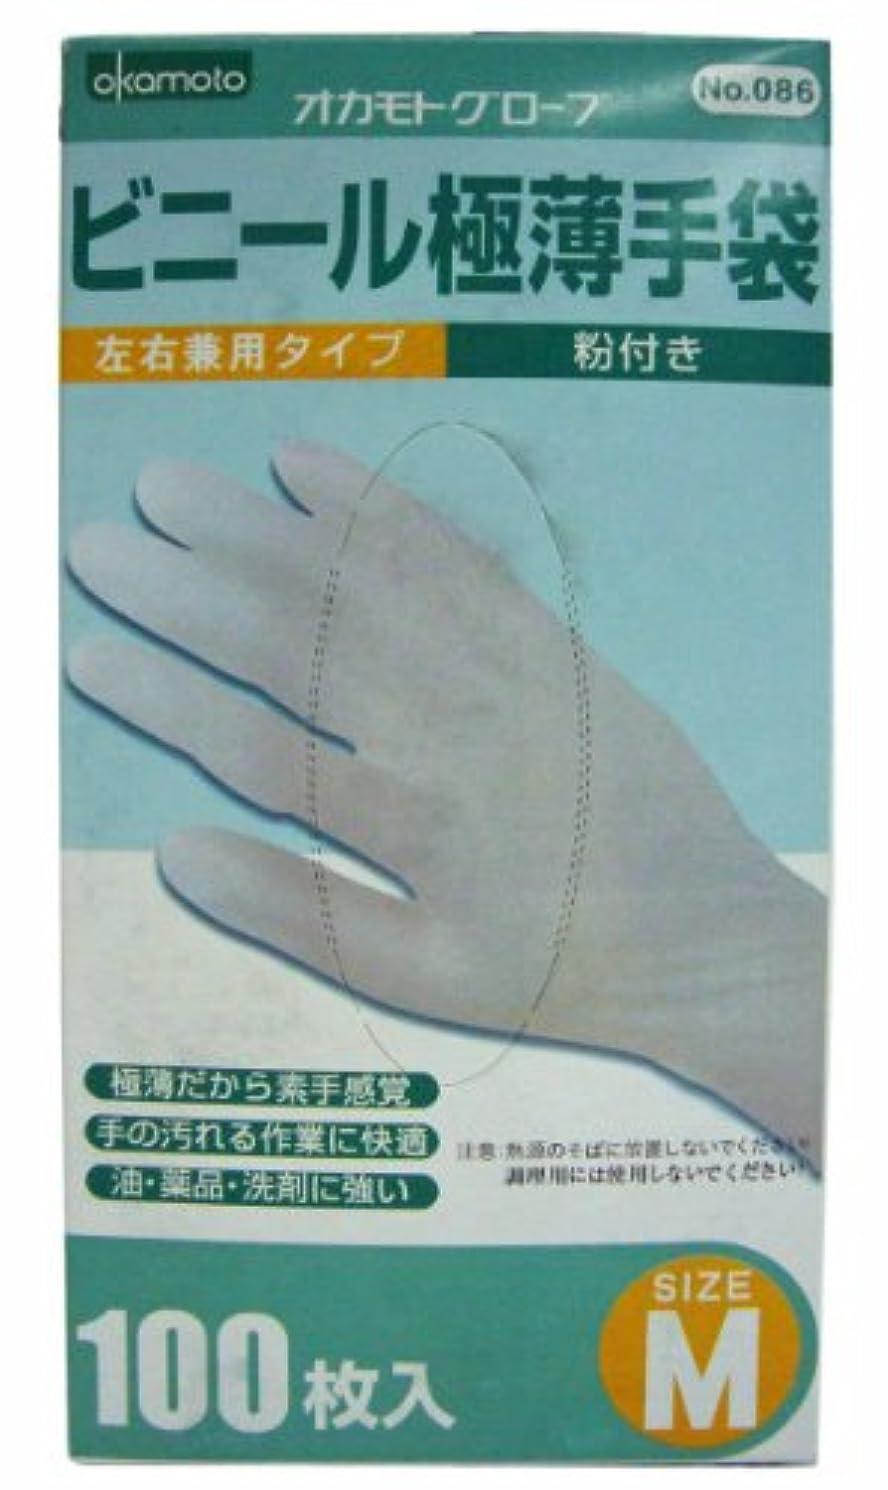 妖精銀行またはどちらかビニール極薄手袋 粉付き 100枚入 M